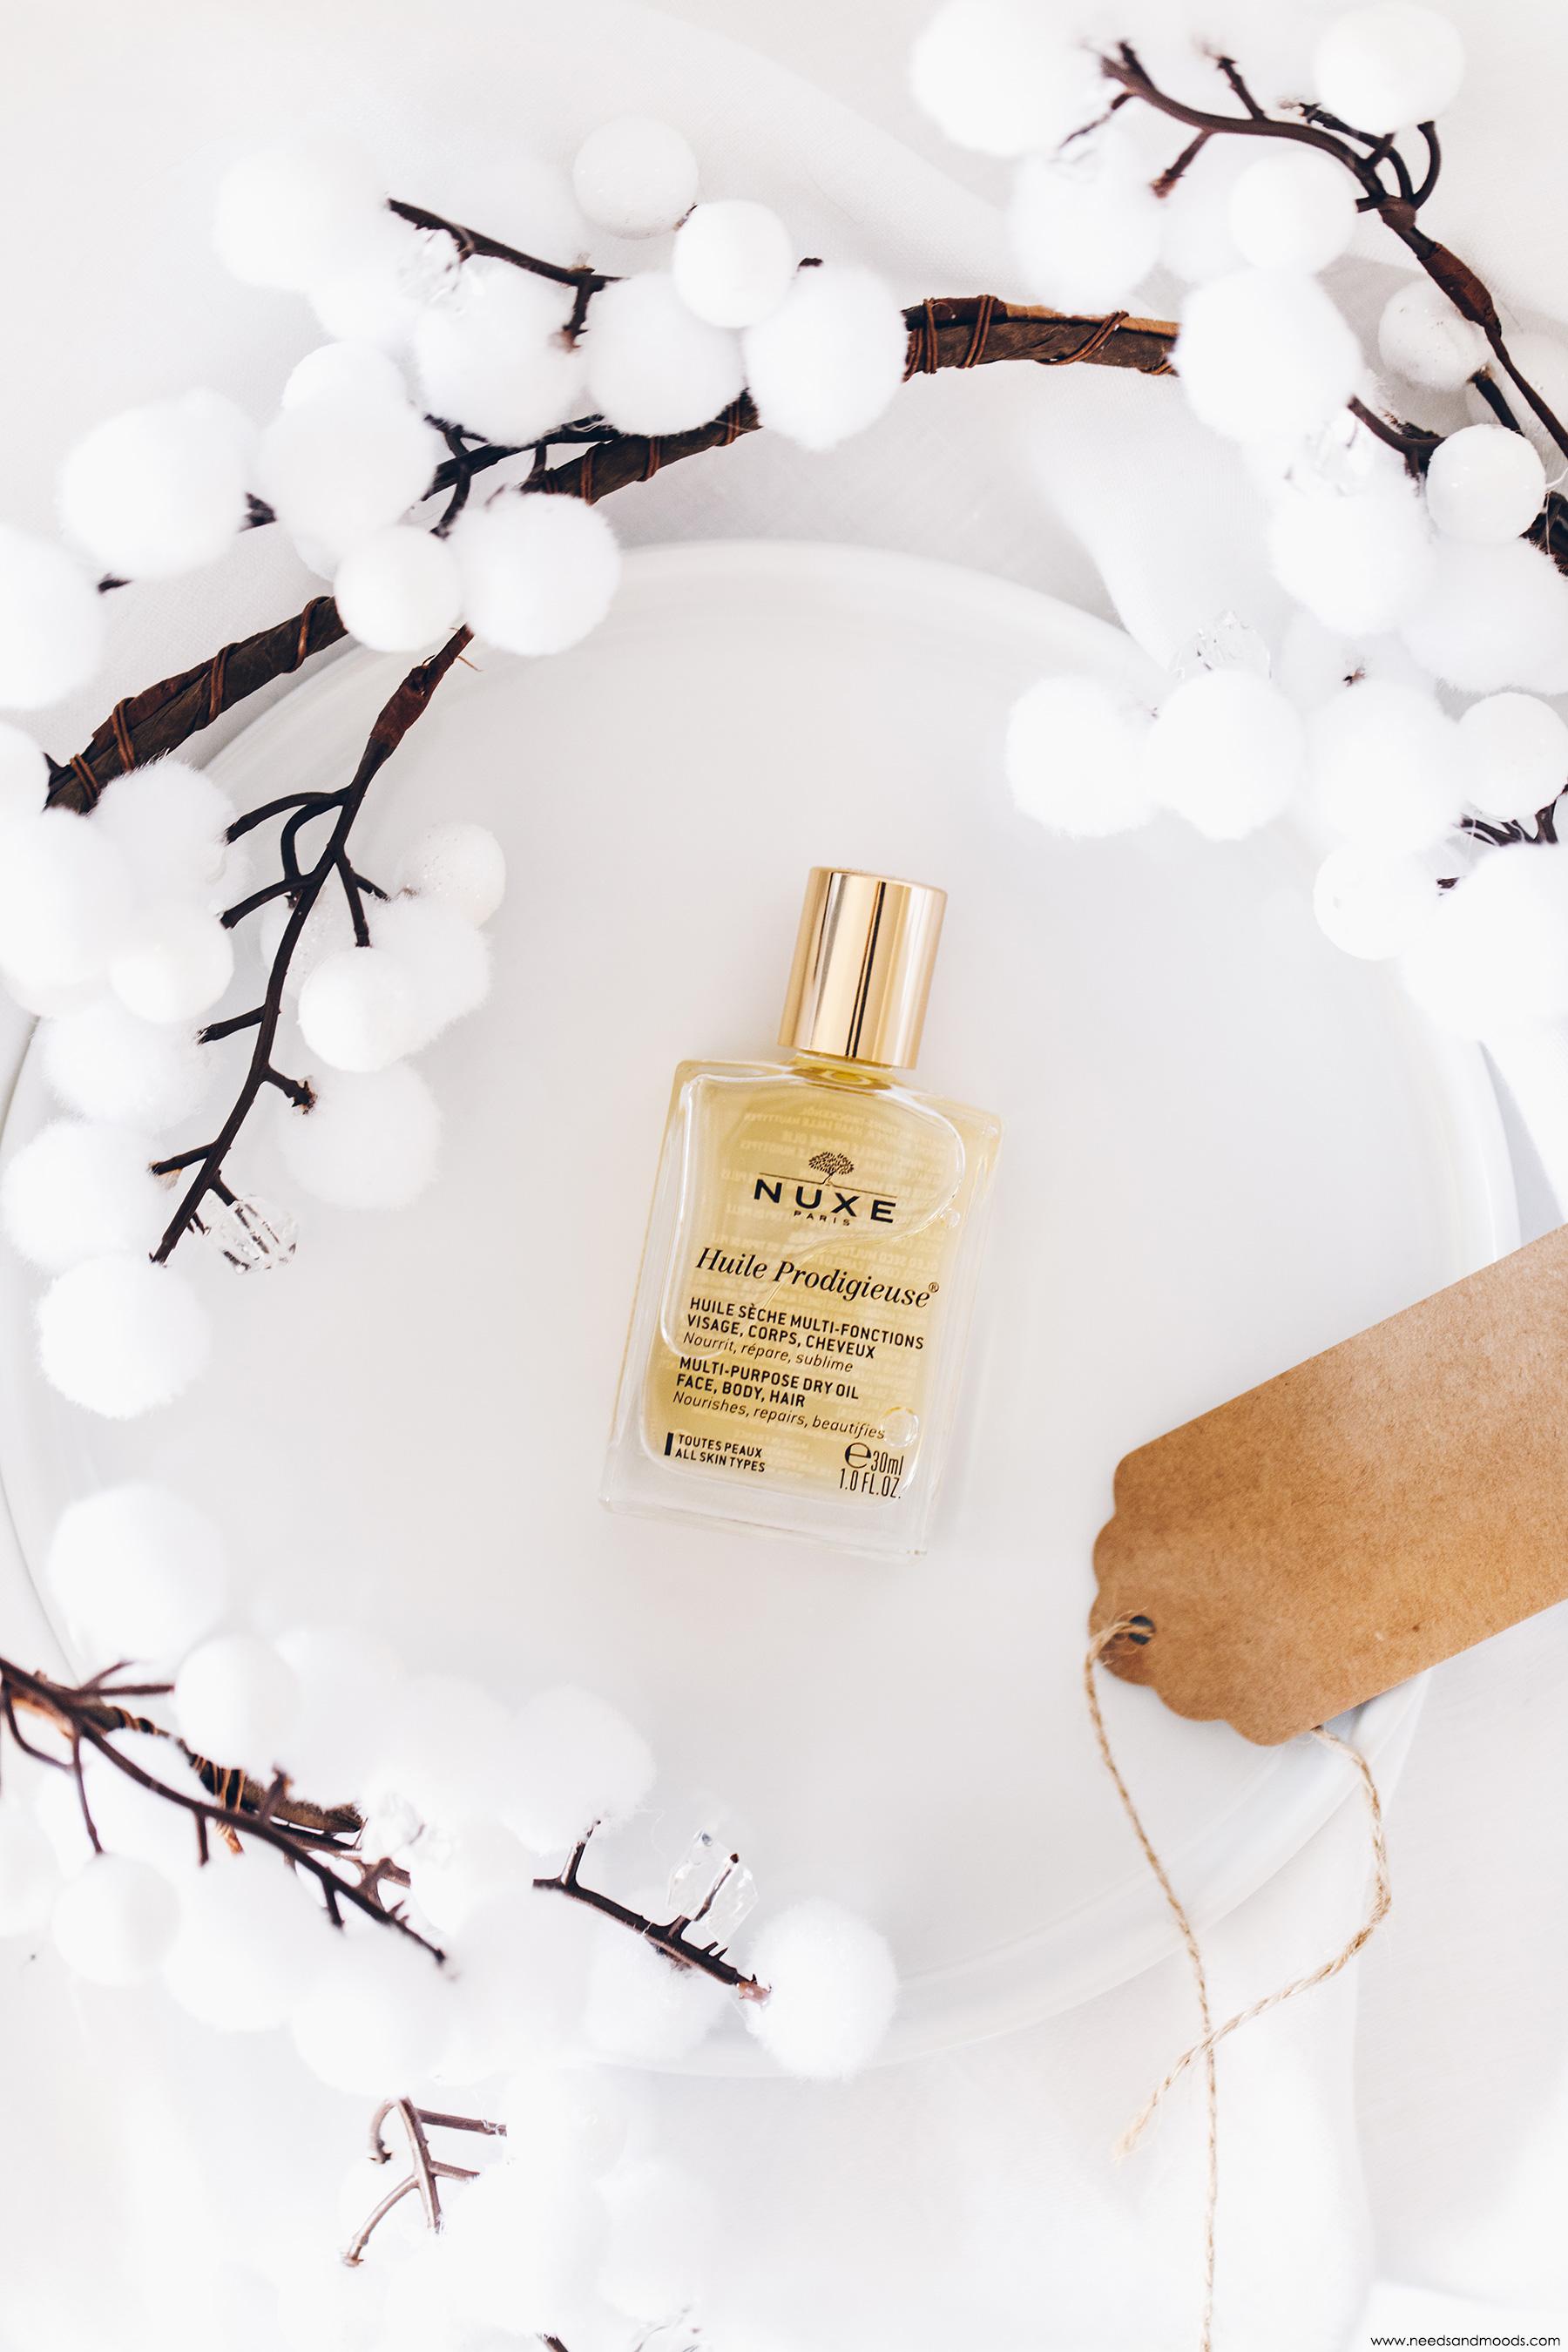 calendrier de lavent nuxe 2019 unboxing huile prodigieuse